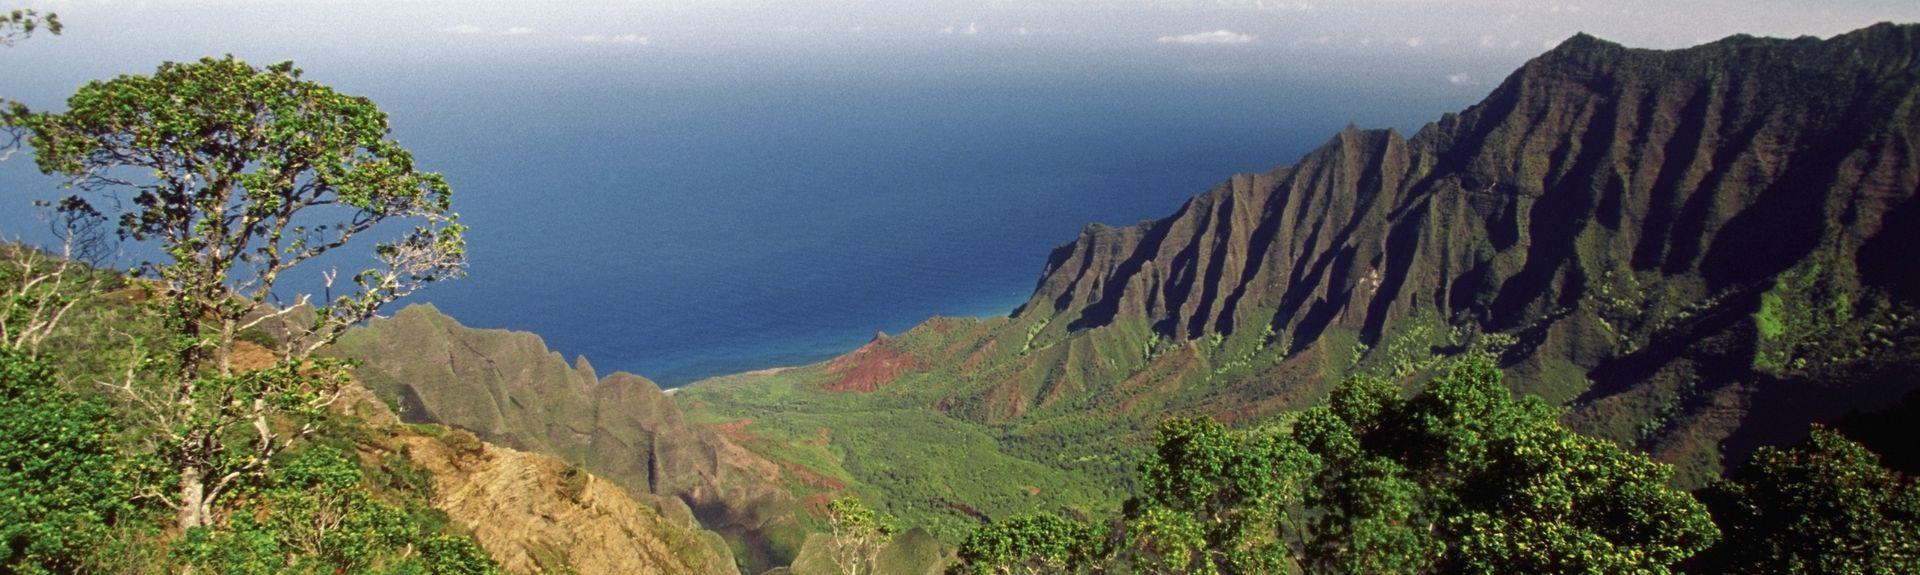 Waimea, Hawaii, USA